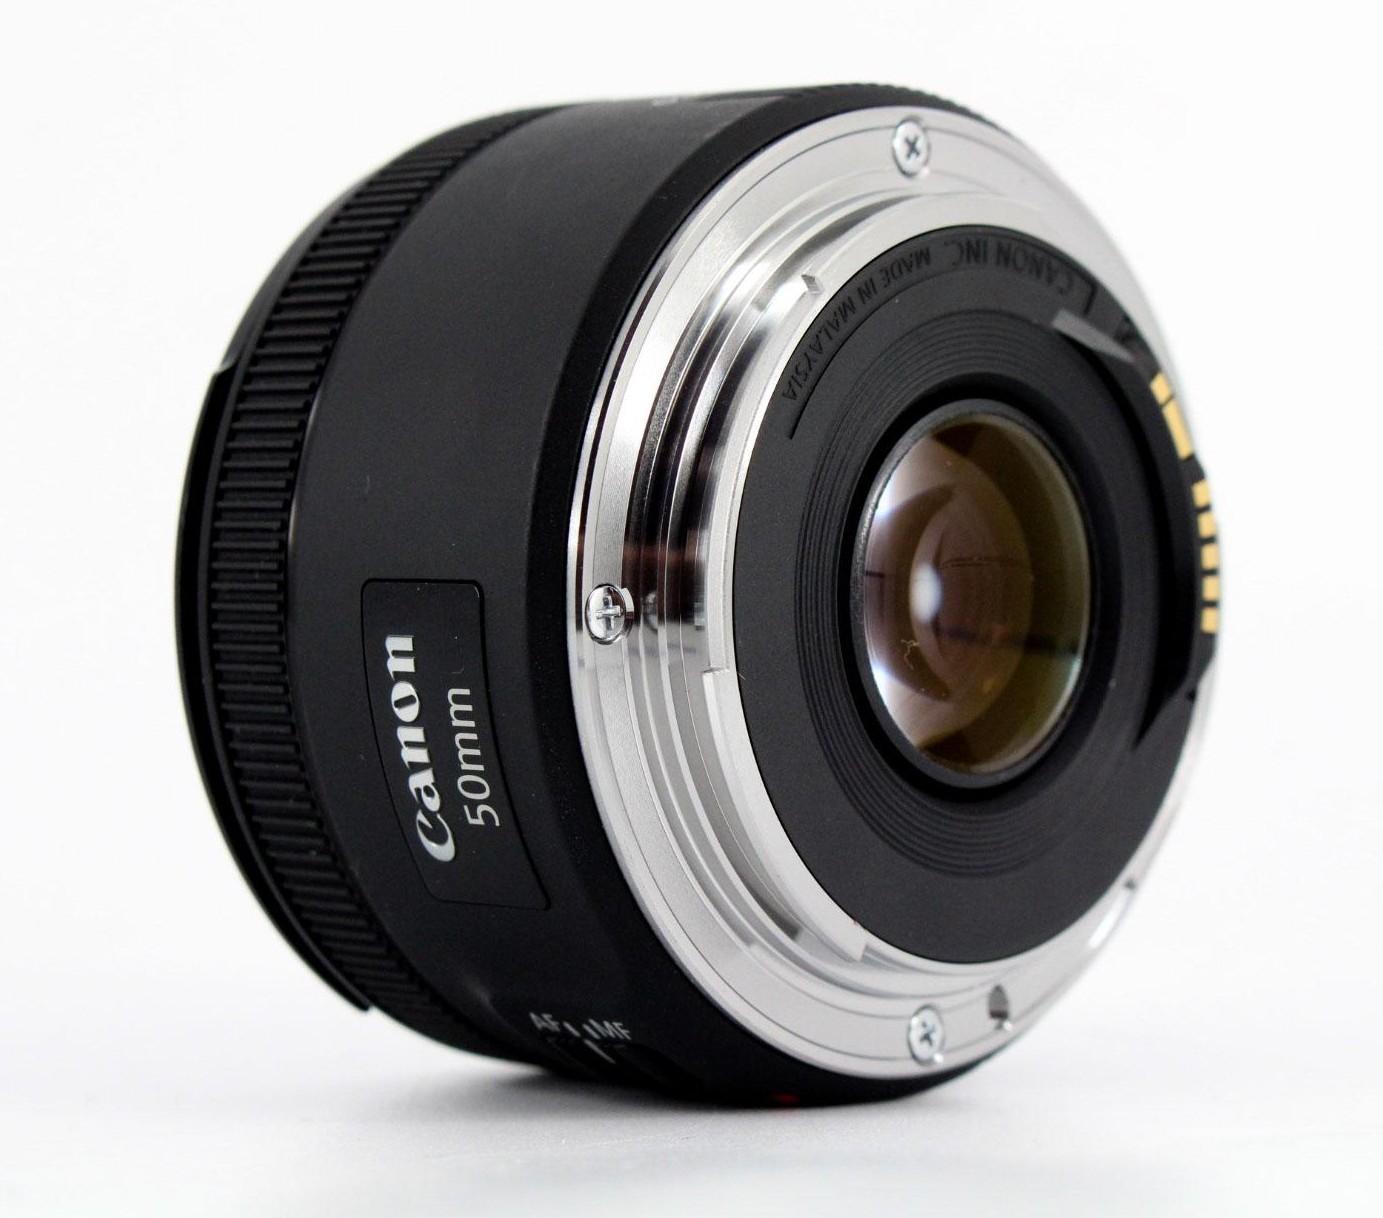 canon 50mm f1.8 stm back image